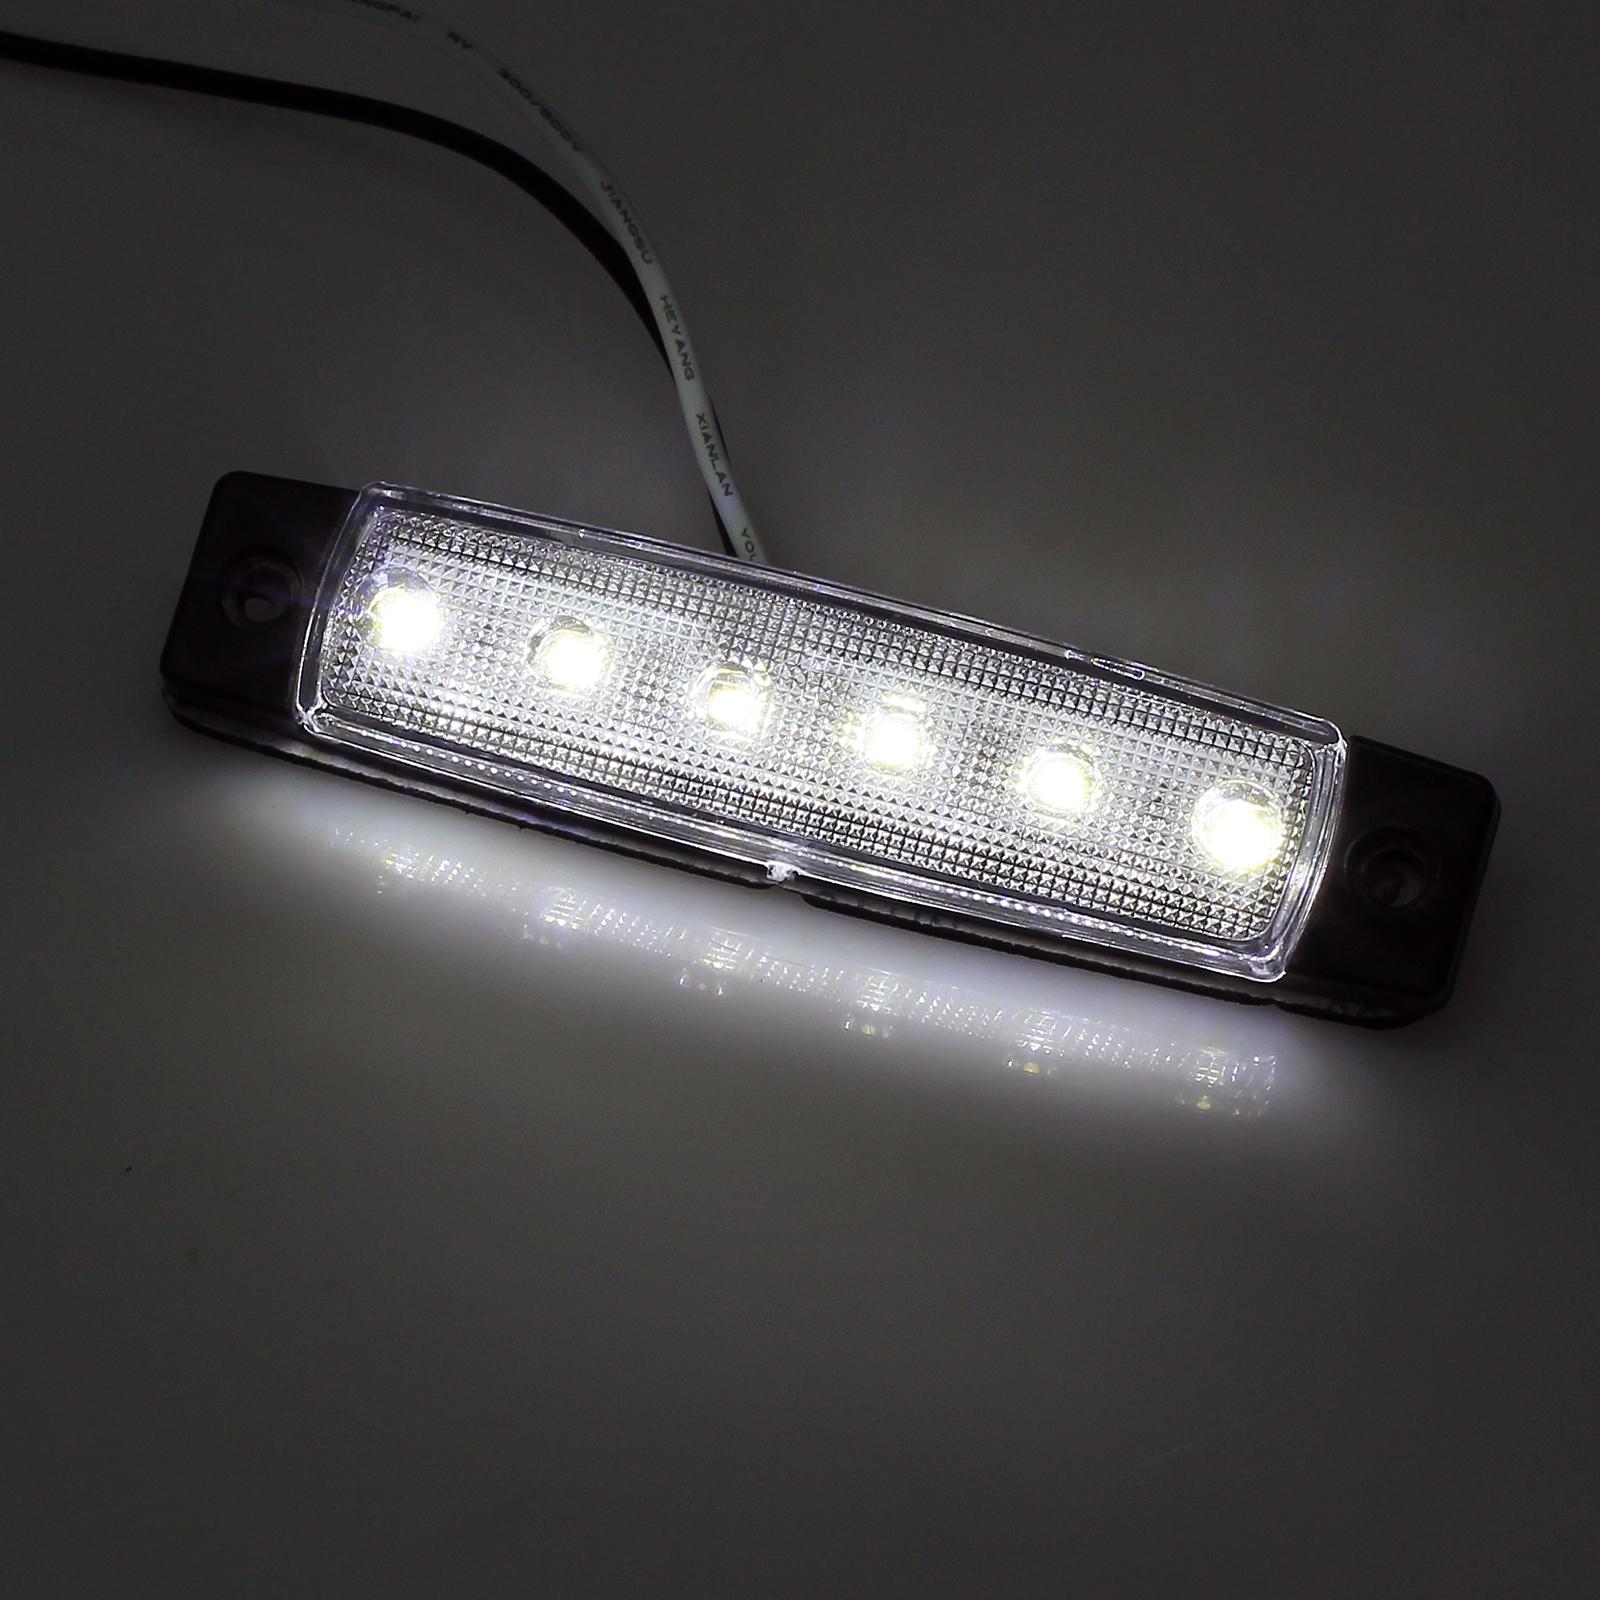 10x 12V Weiss 6 LED Leuchte Begrenzungsleuchte LKW PKW ...